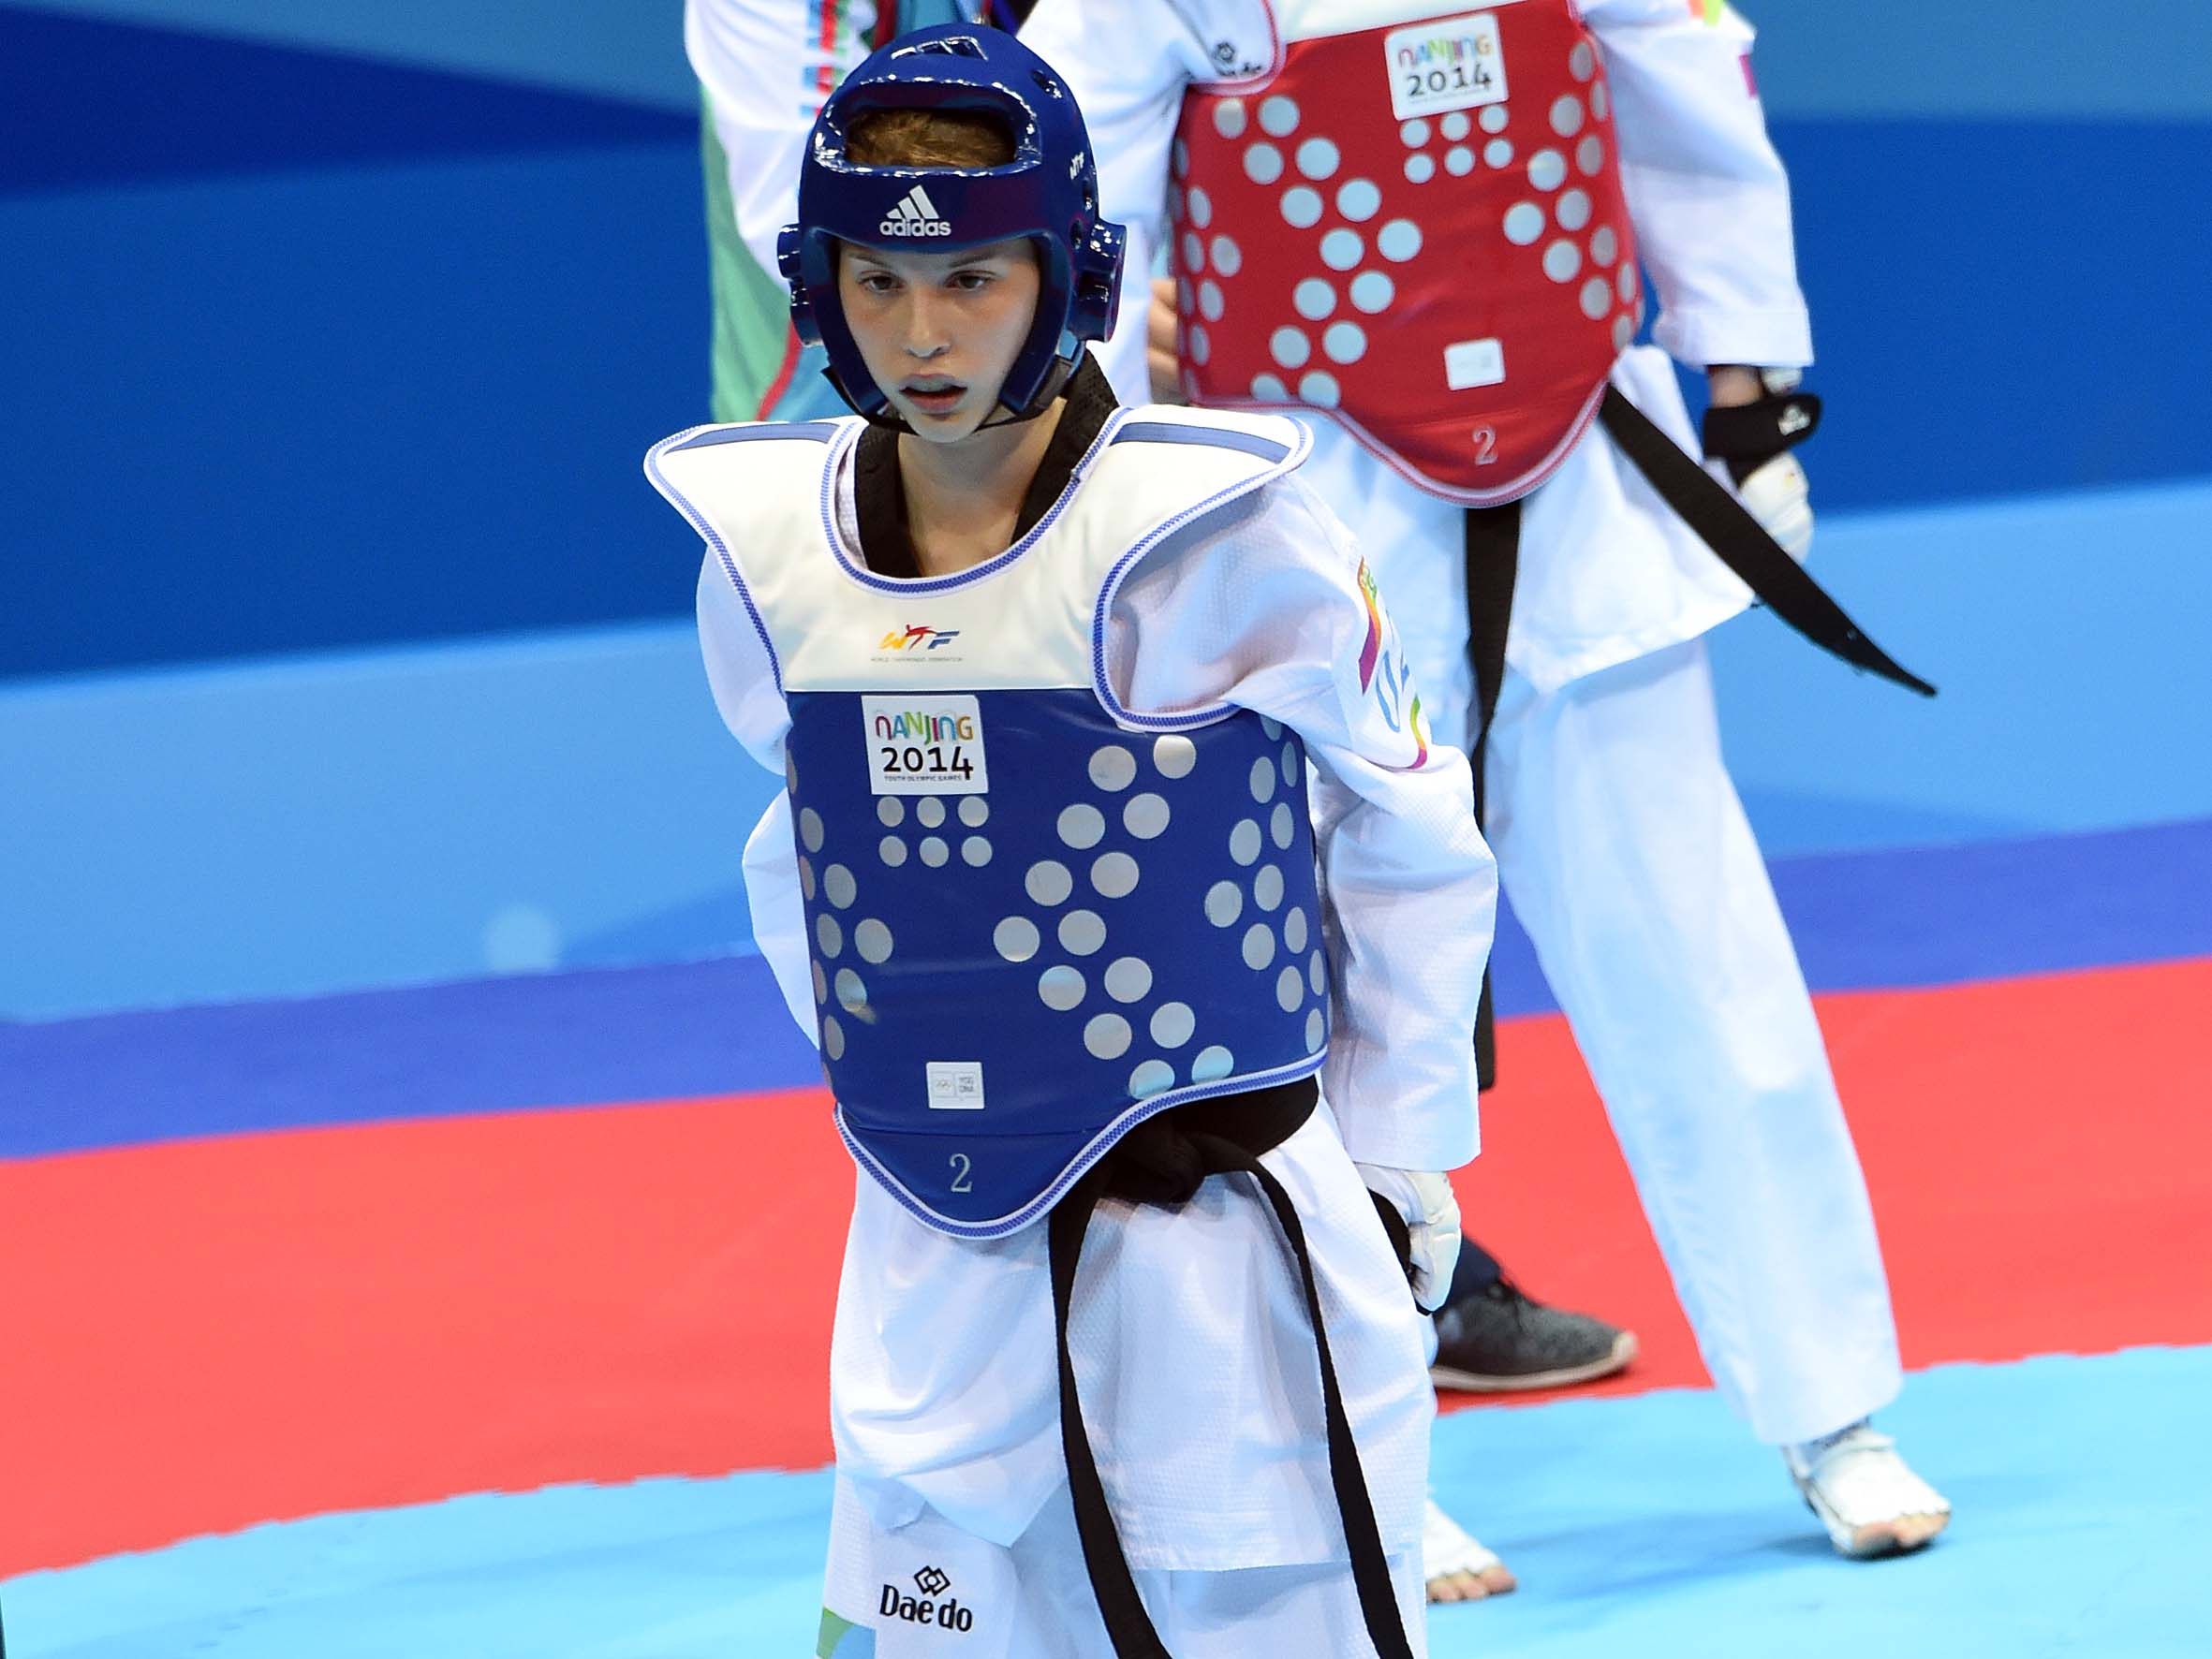 Taekwondo-55 Kg Donne 04